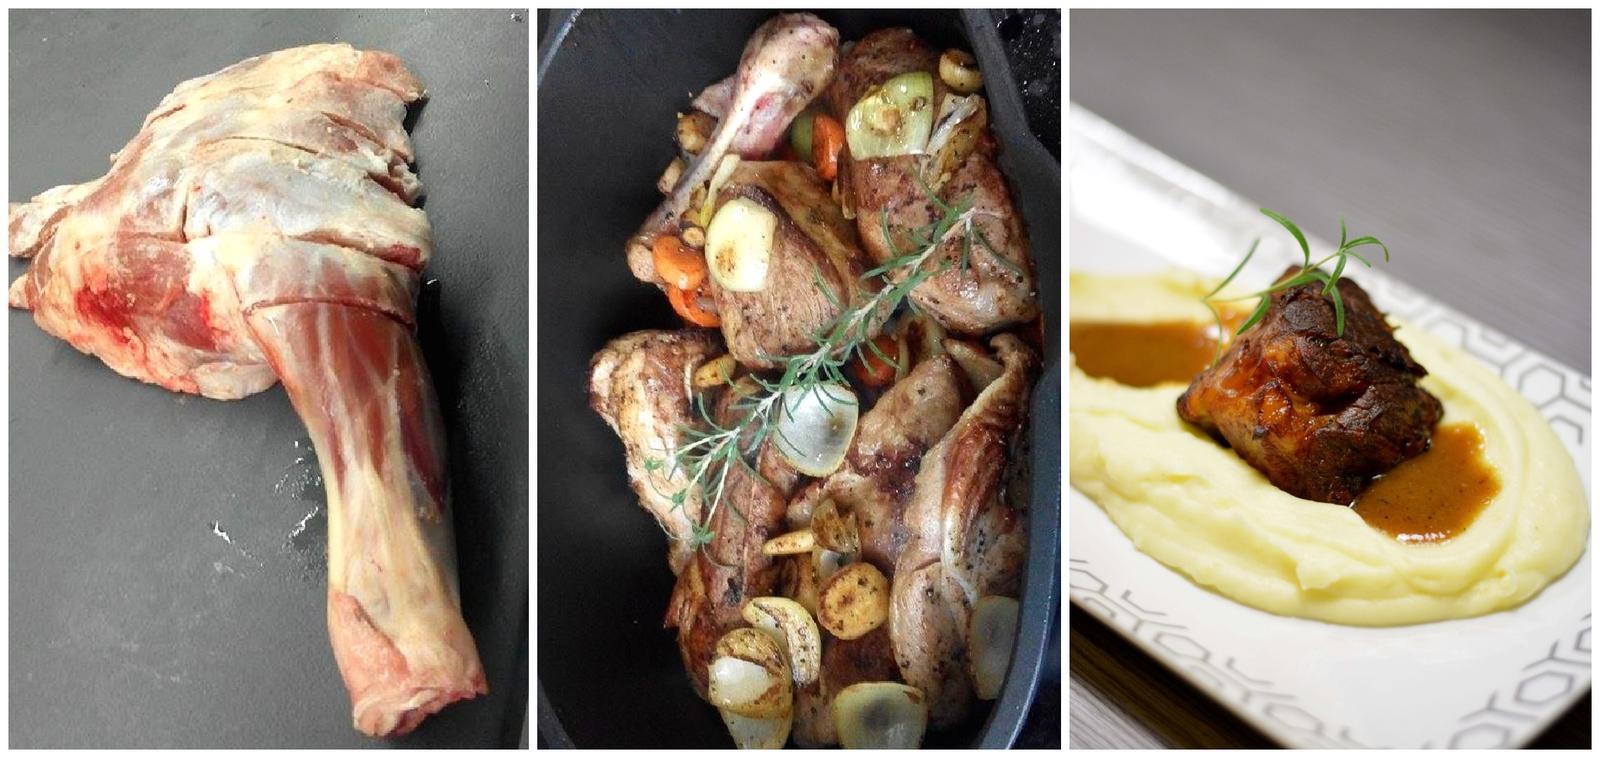 Upečeno a uvařeno u nás doma - Když marodím, vaří milý a různě experimentuje - tentokrát pomalu pečená jehněčí kýta na kořenové zelenině